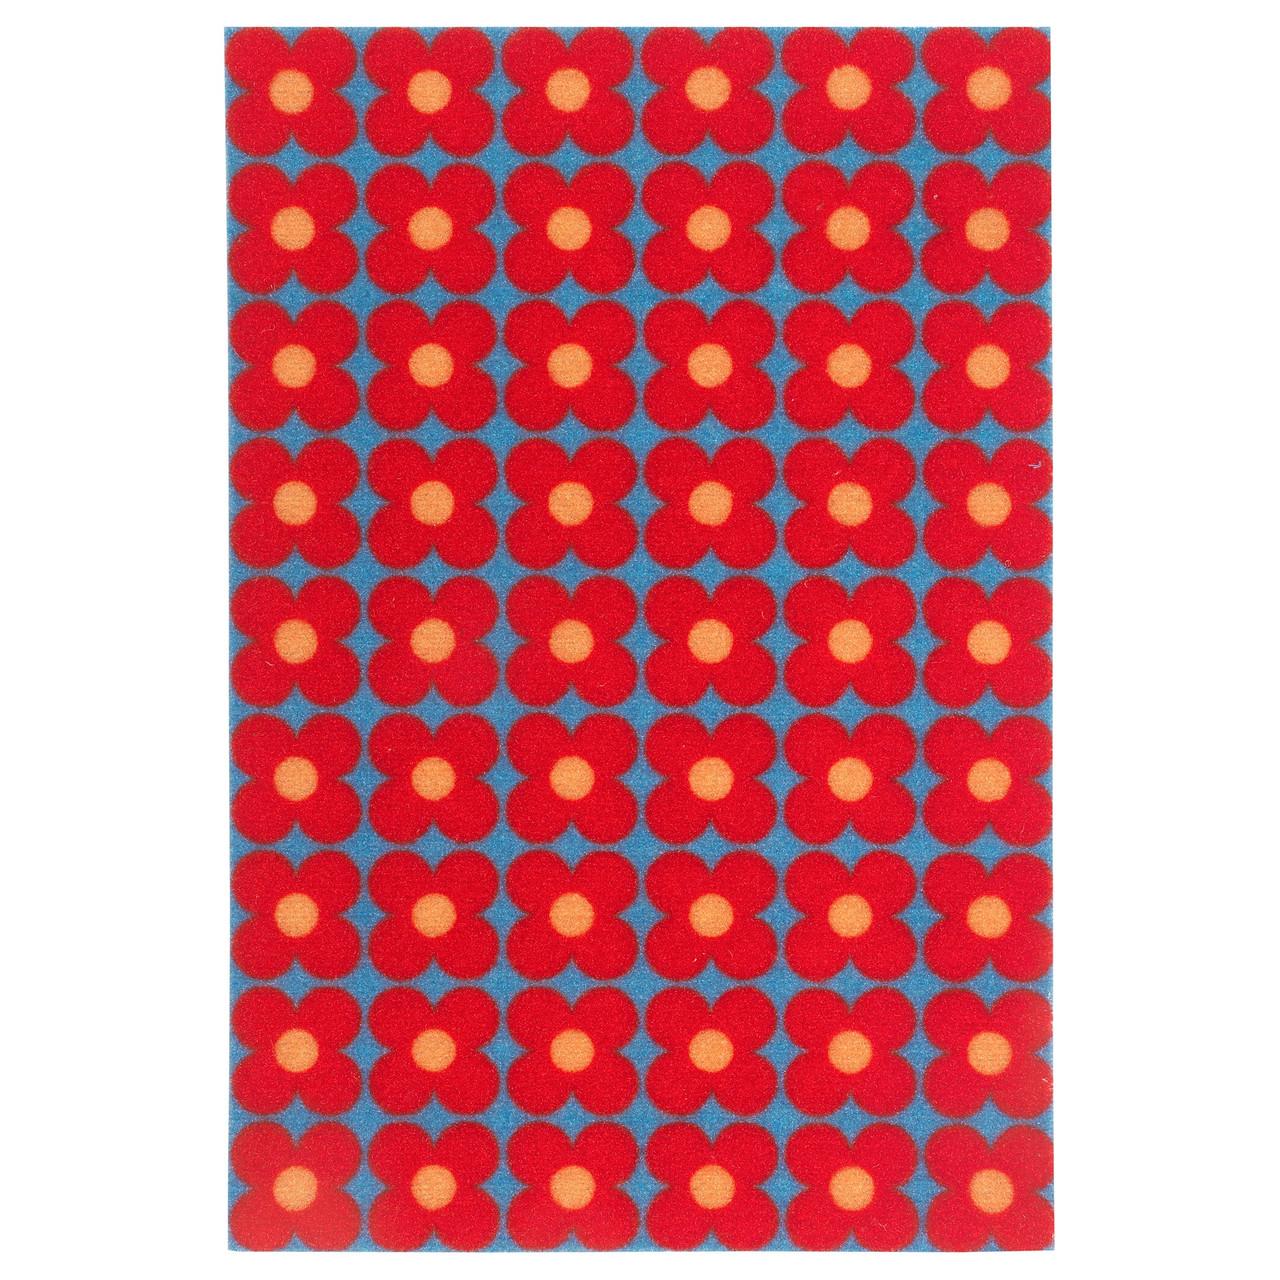 СОММАР 2019 Придверный коврик, маленькие цветы синий, красный